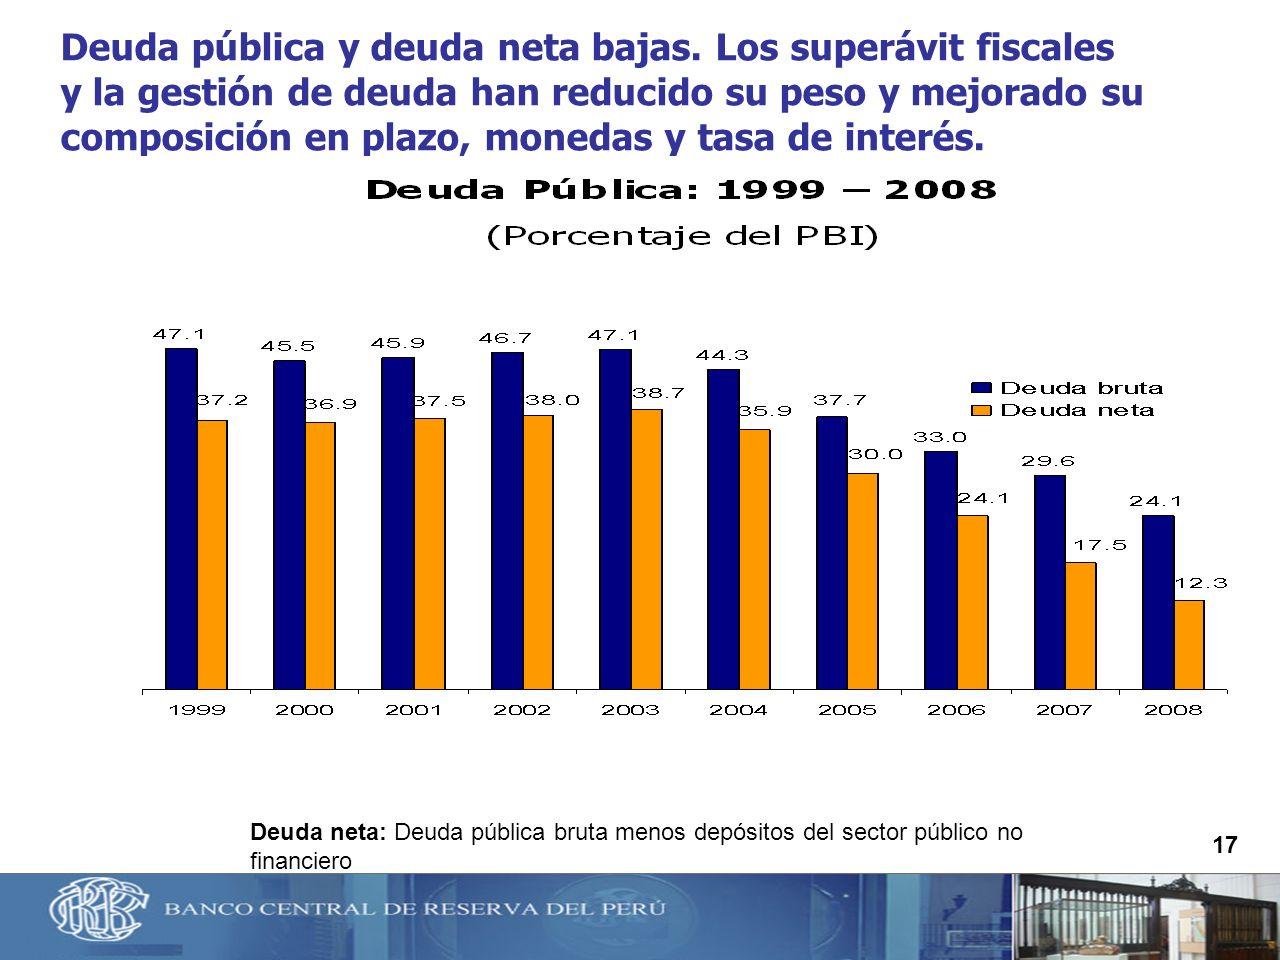 Deuda pública y deuda neta bajas